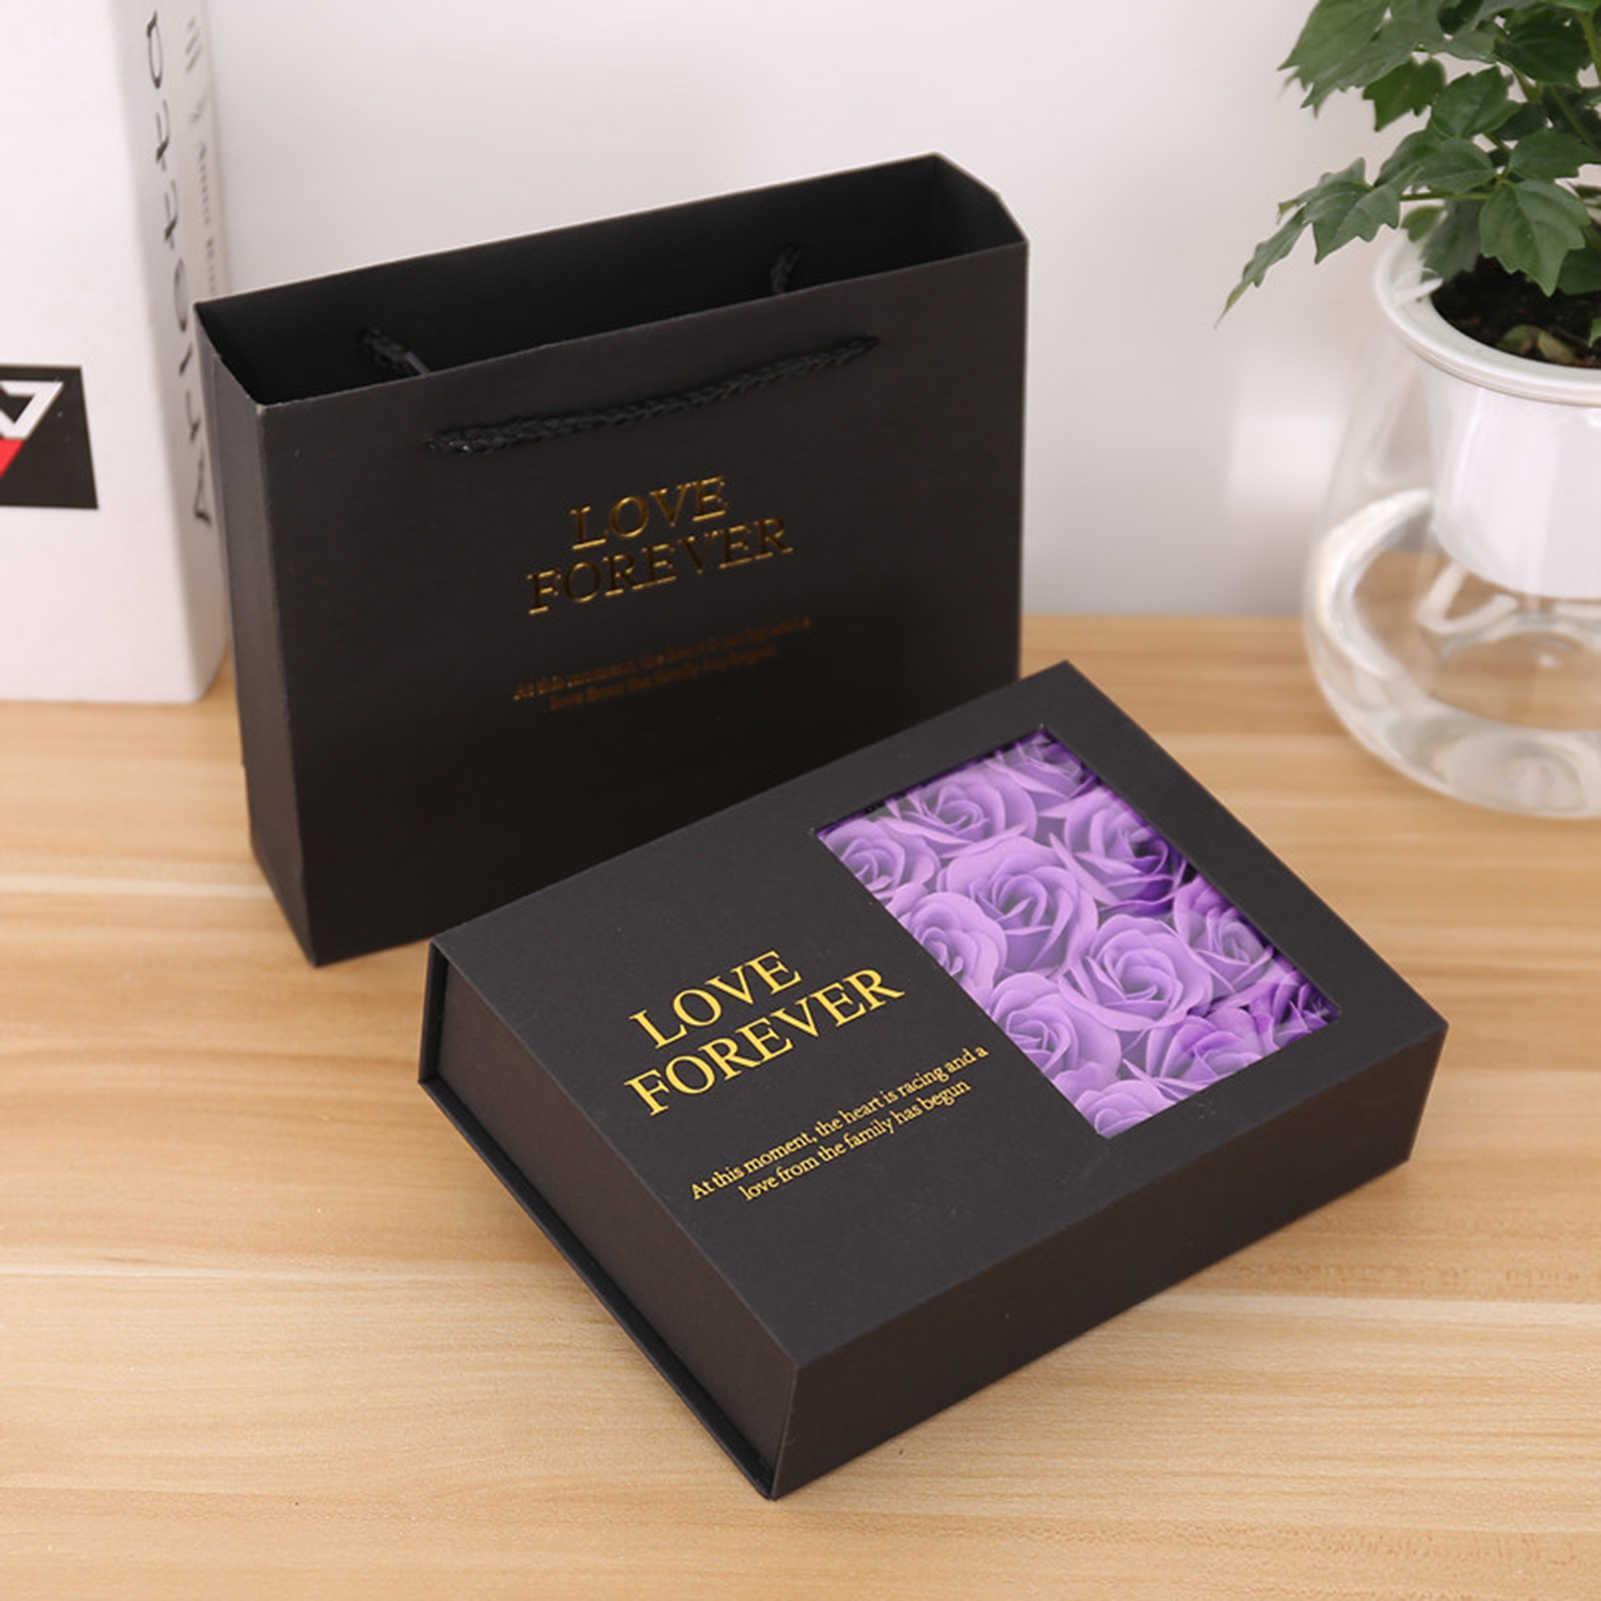 Güller Çiçekler Hediye Kutusu Sevgililer Günü Hediyesi Sabun Gül Kolye Yüzük Hediye Paketi Kutusu Sevgililer Düğün Kız Mevcut Y0712